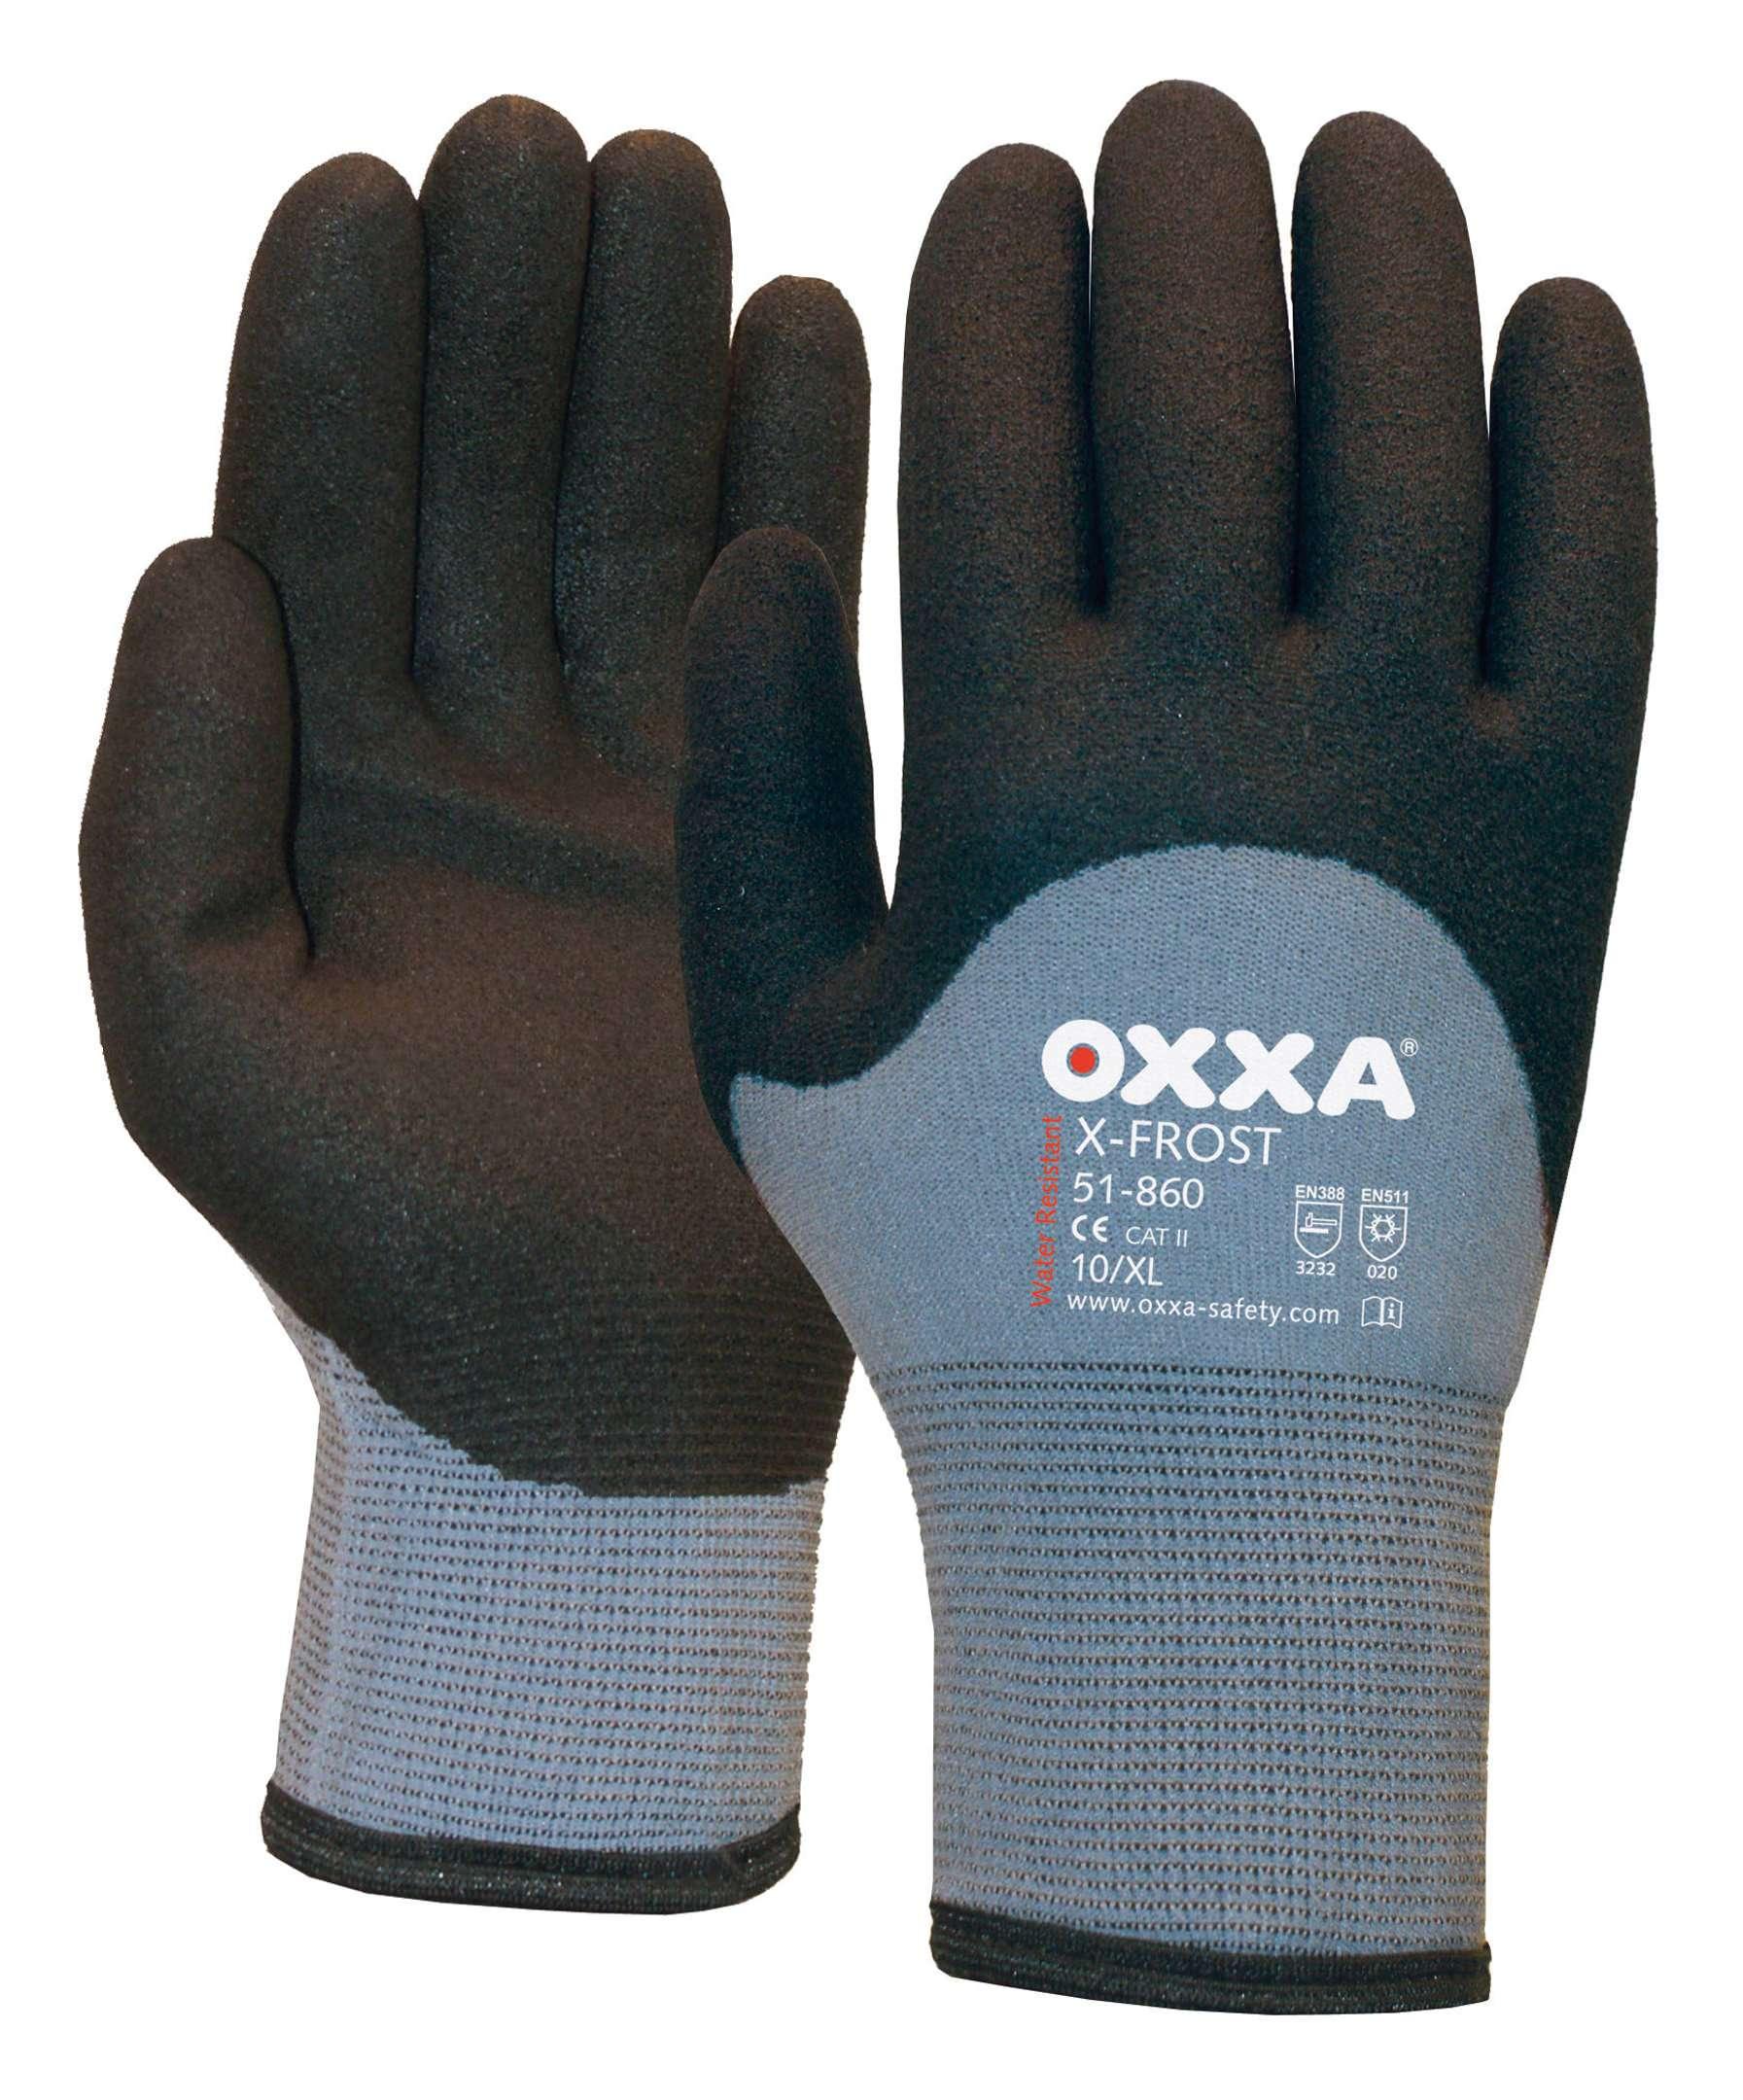 EN 5 OXXA Kälteschutzhandschuh Größe 11 schwarz//grau Nylonträger X-FROST EN 388